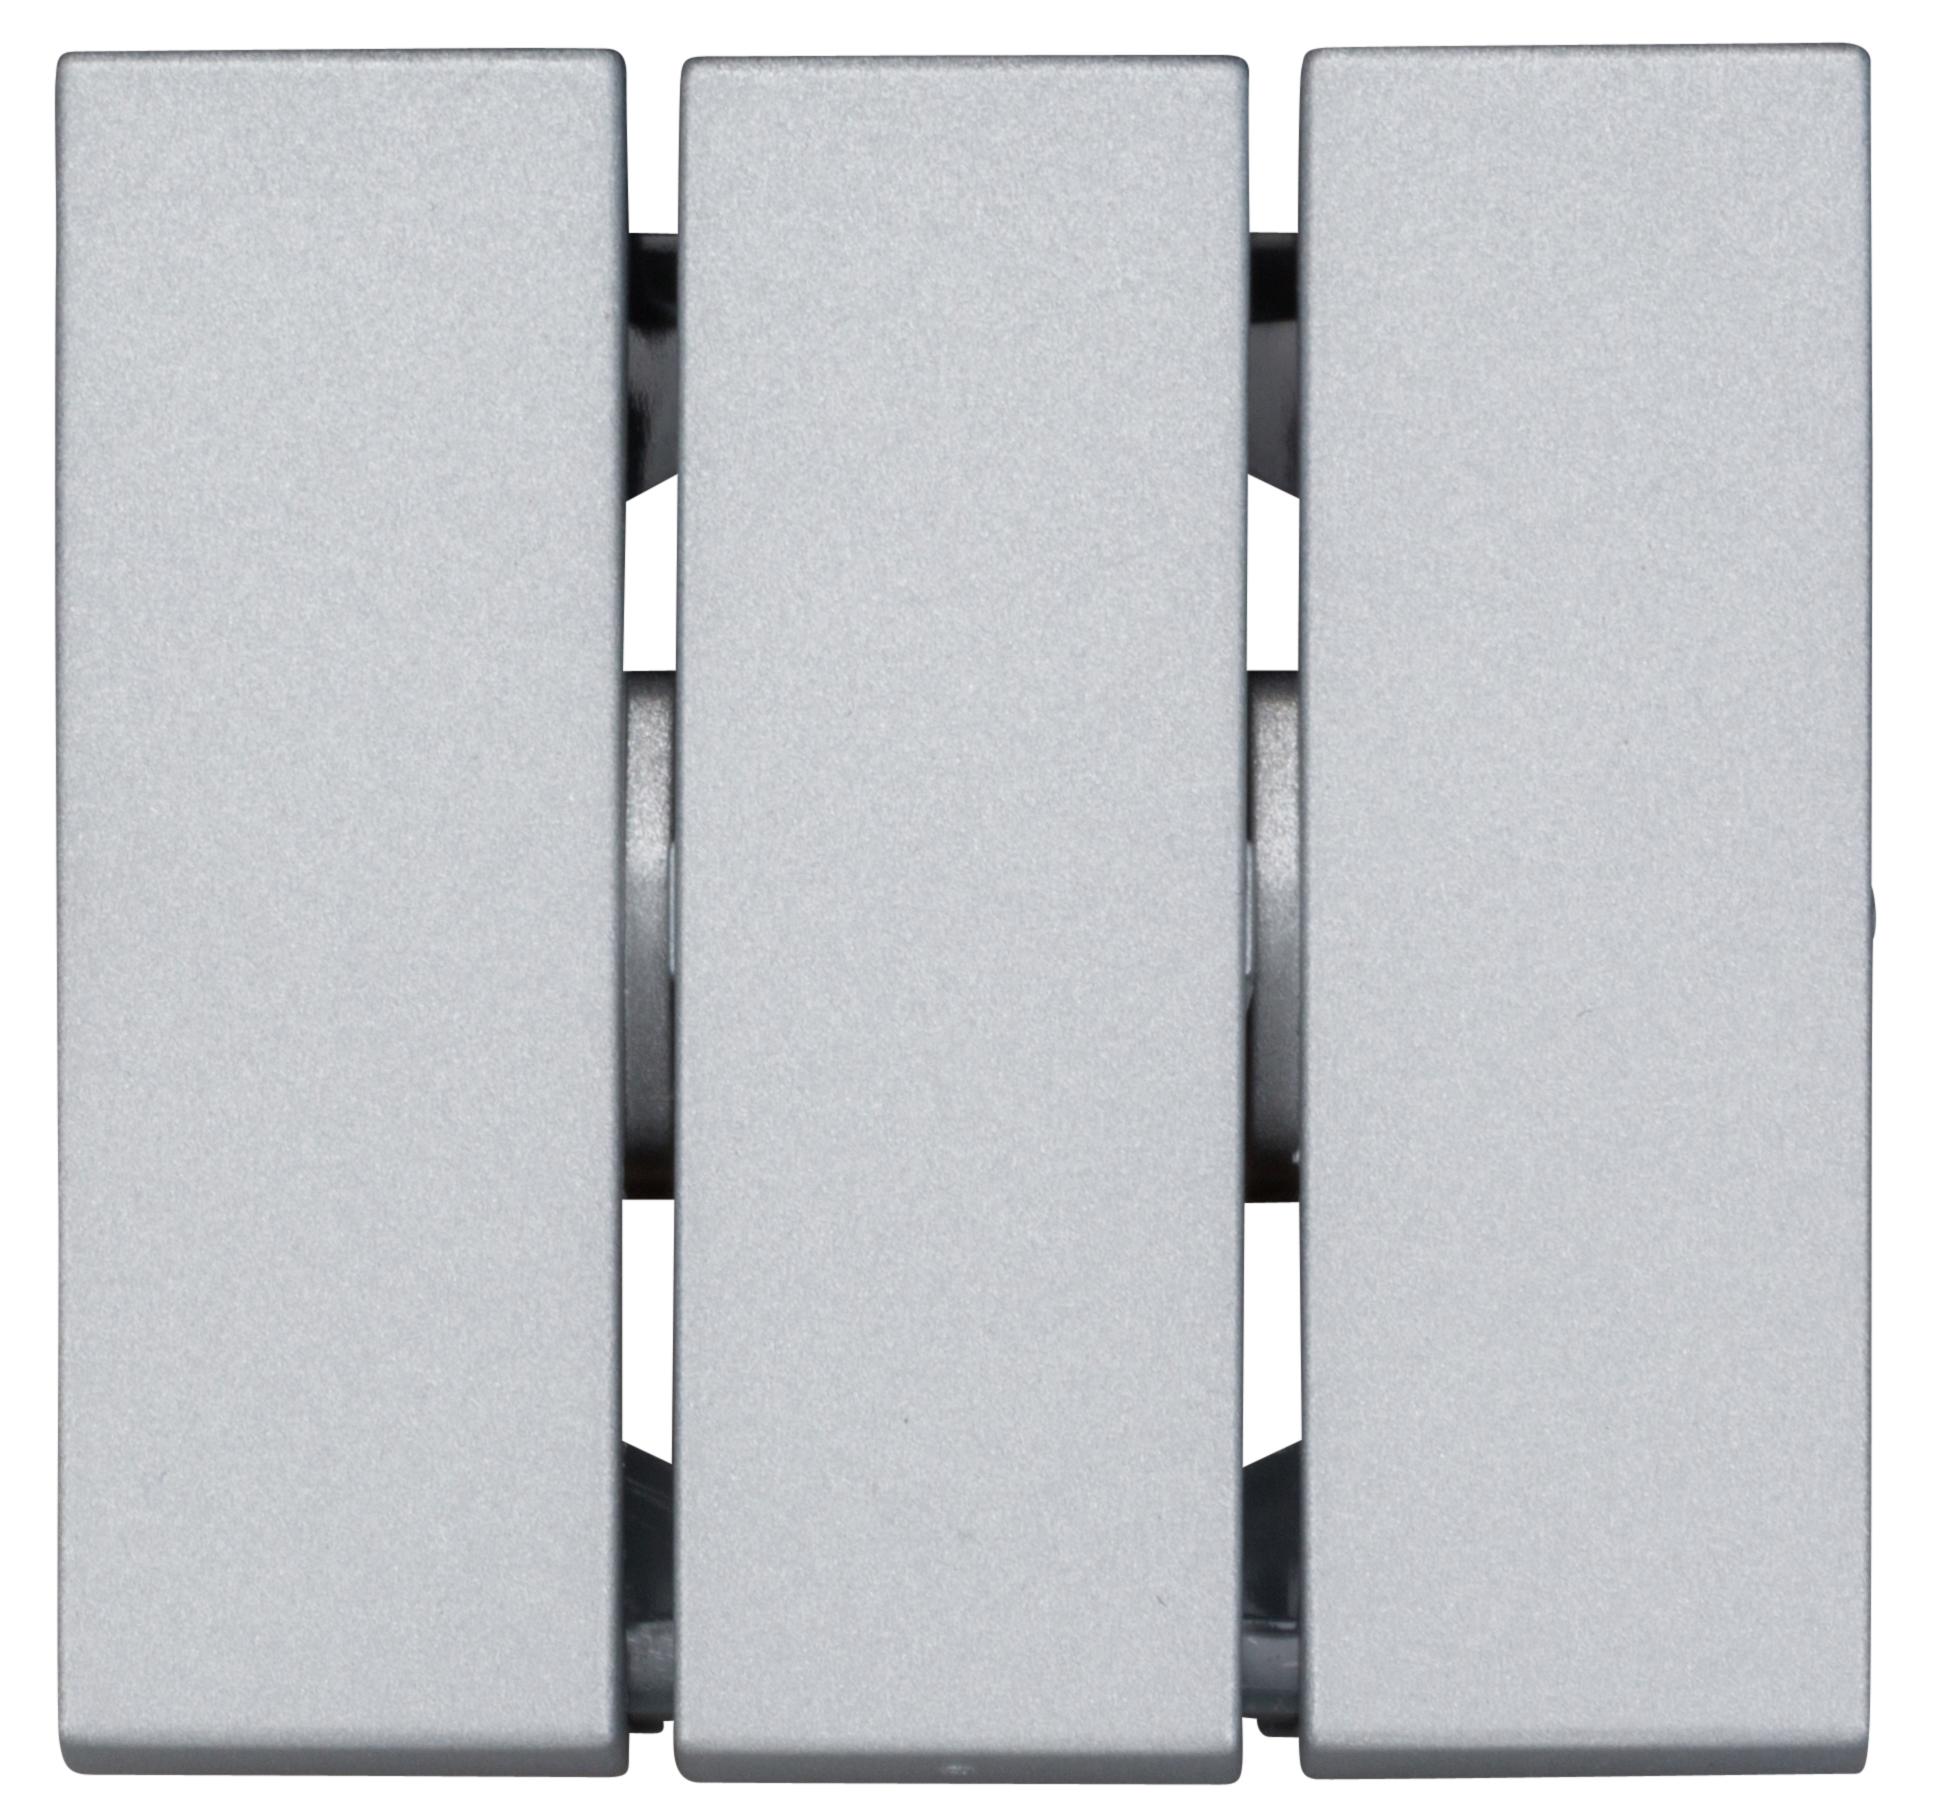 1 Stk Wippe für Ausschalter 3 fach, Silber EV122016--